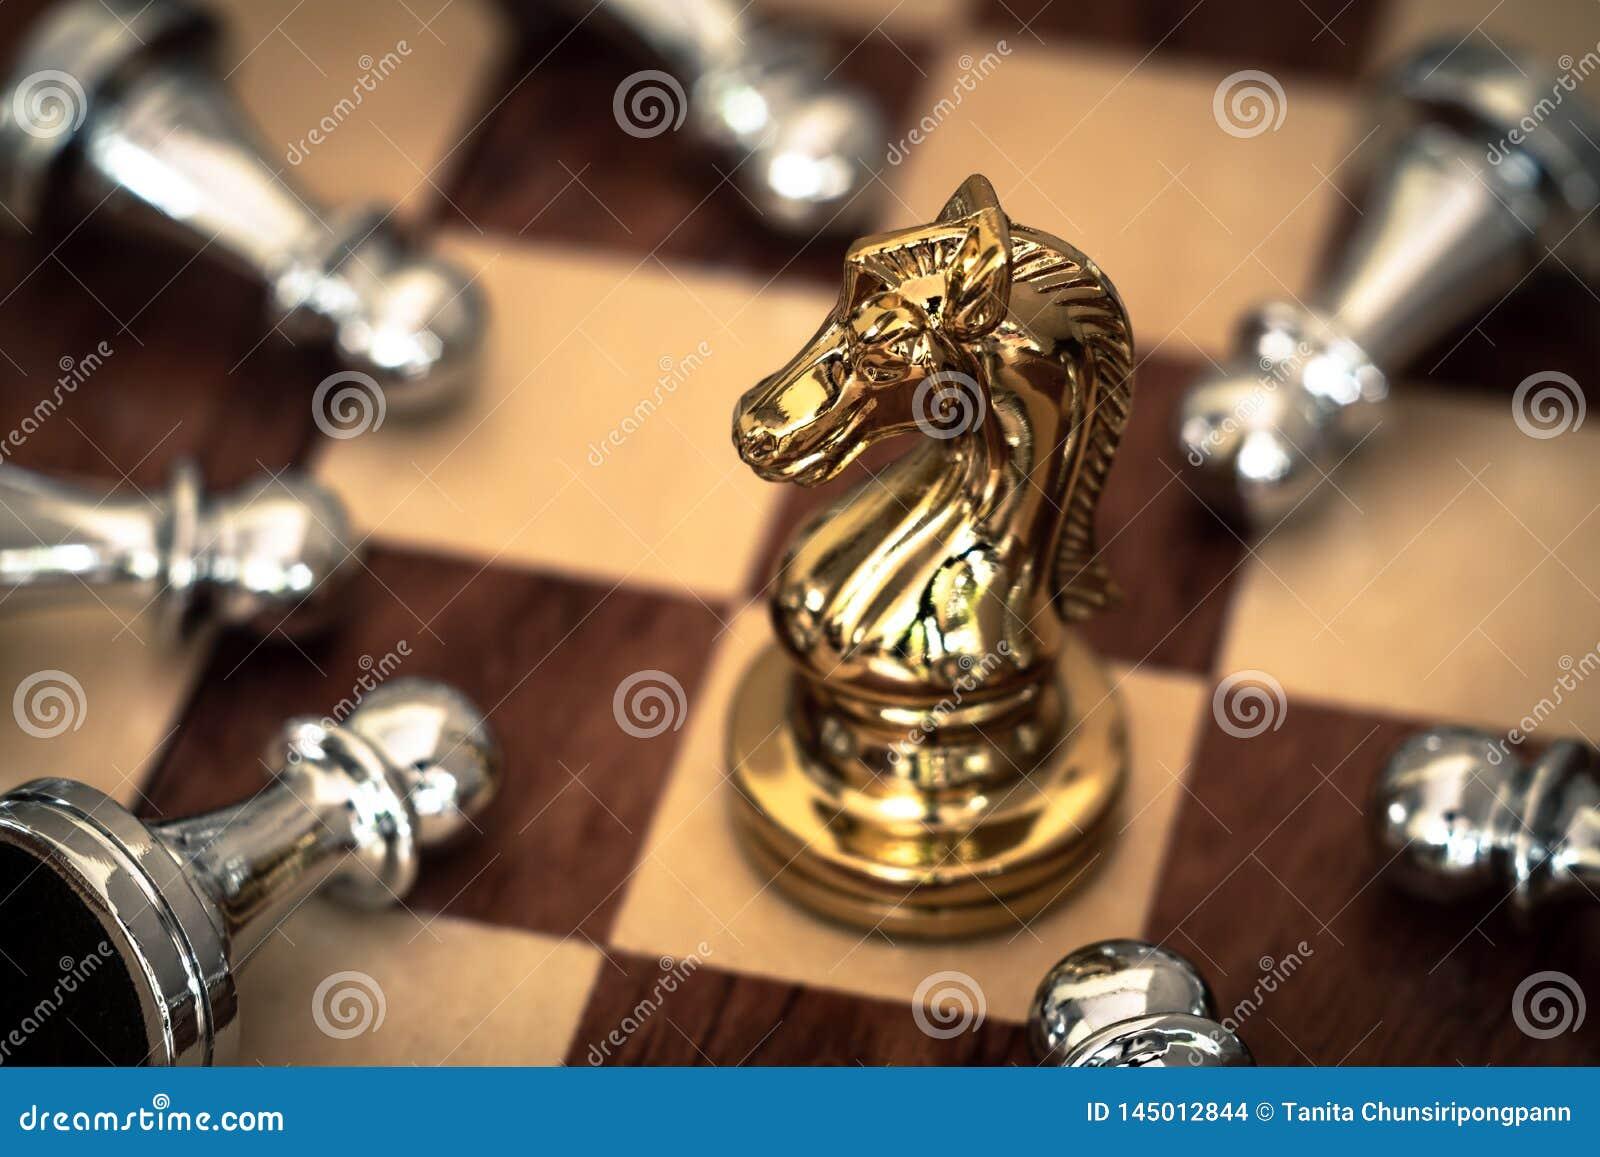 Voor achtergrond of Web Een ridder neemt verslaat alle vijanden Bedrijfs concurrerend concept